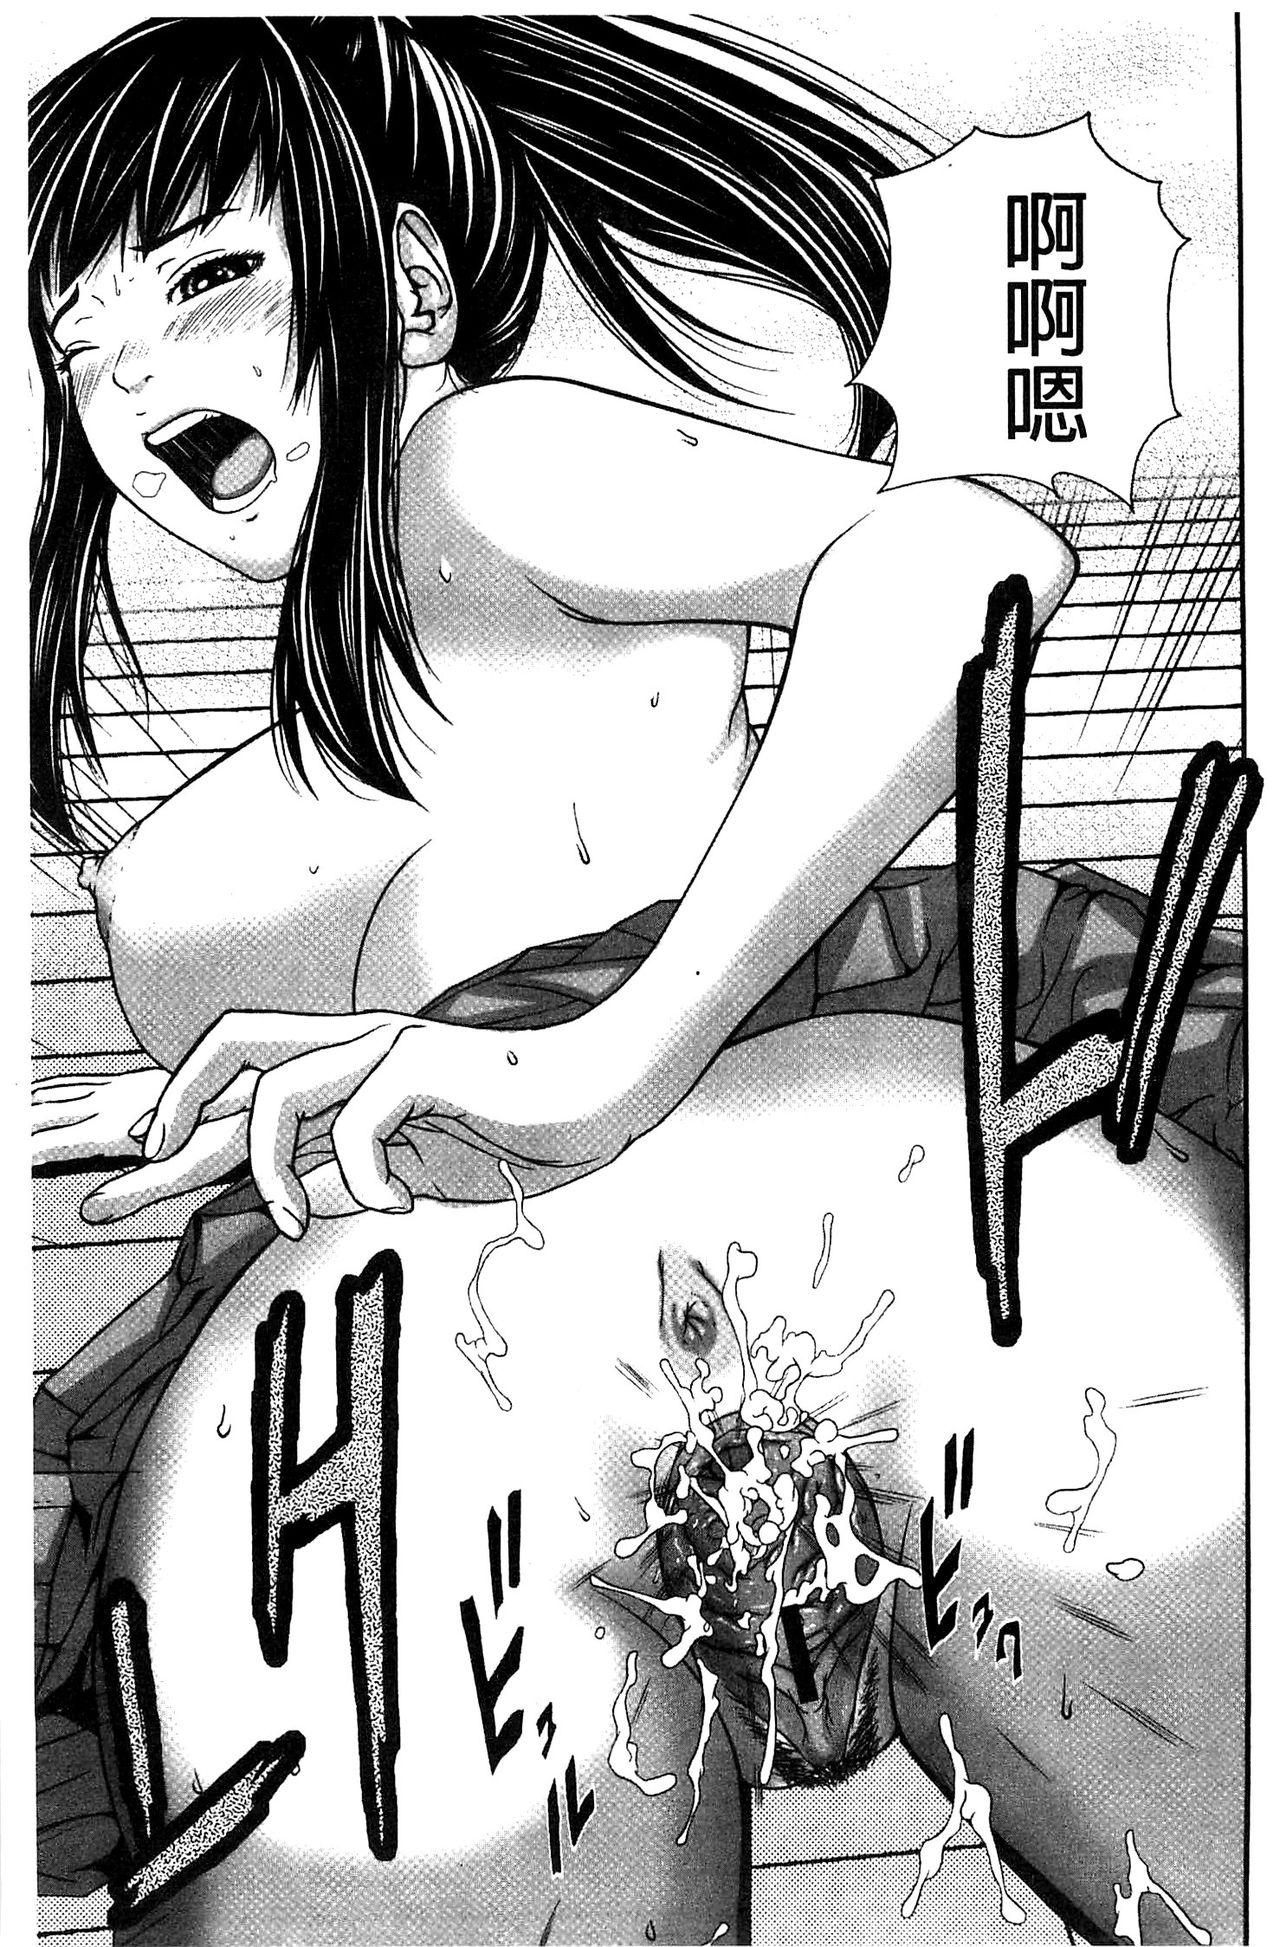 Koijirushi Love Milk | 戀印愛慾鮮乳 122